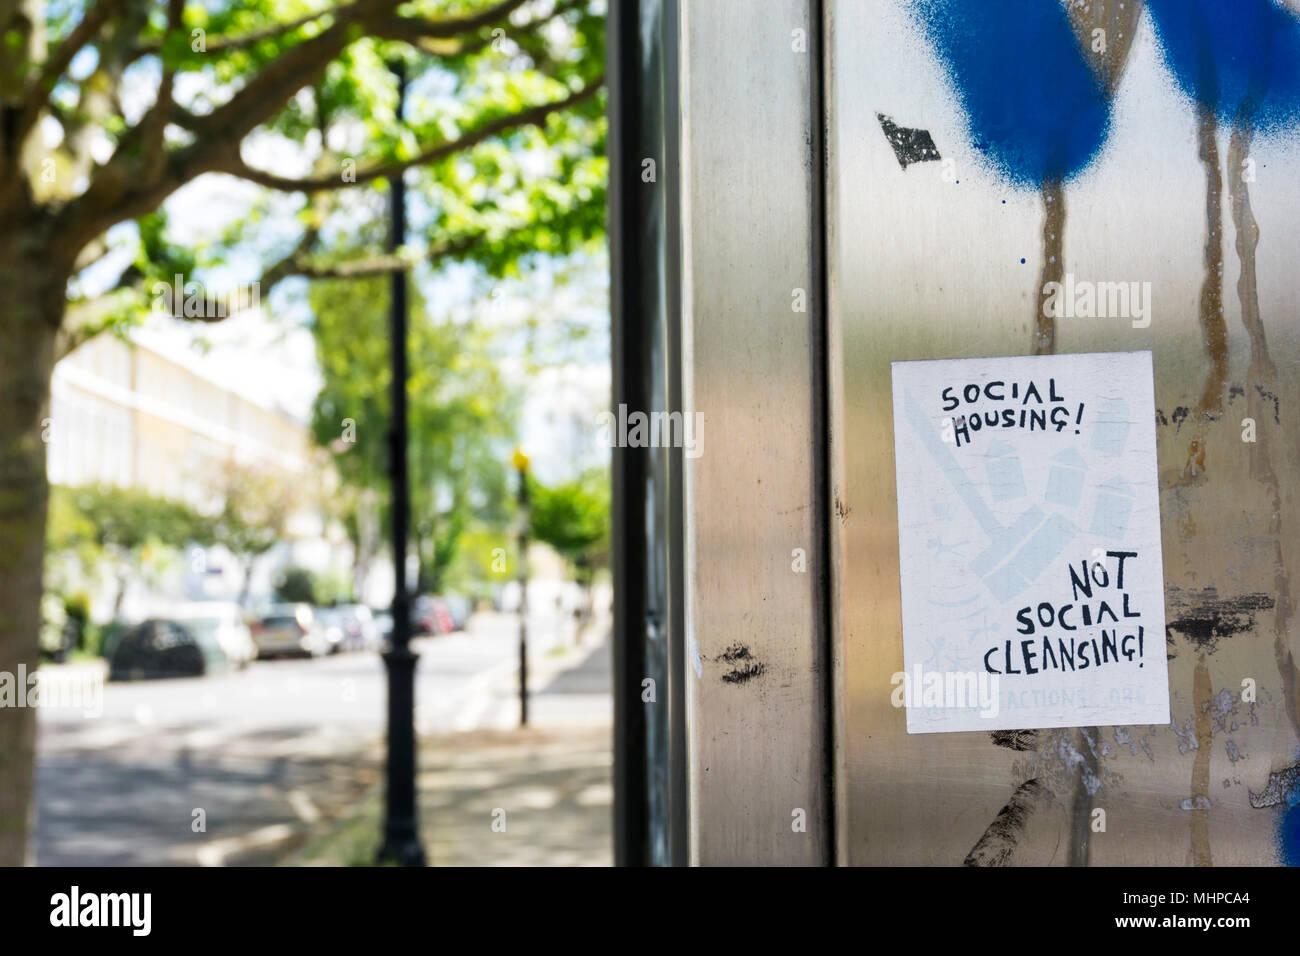 Le logement social! Nettoyage Social pas! Slogan sur un autocollant à Lambeth, au sud de Londres. Photo Stock